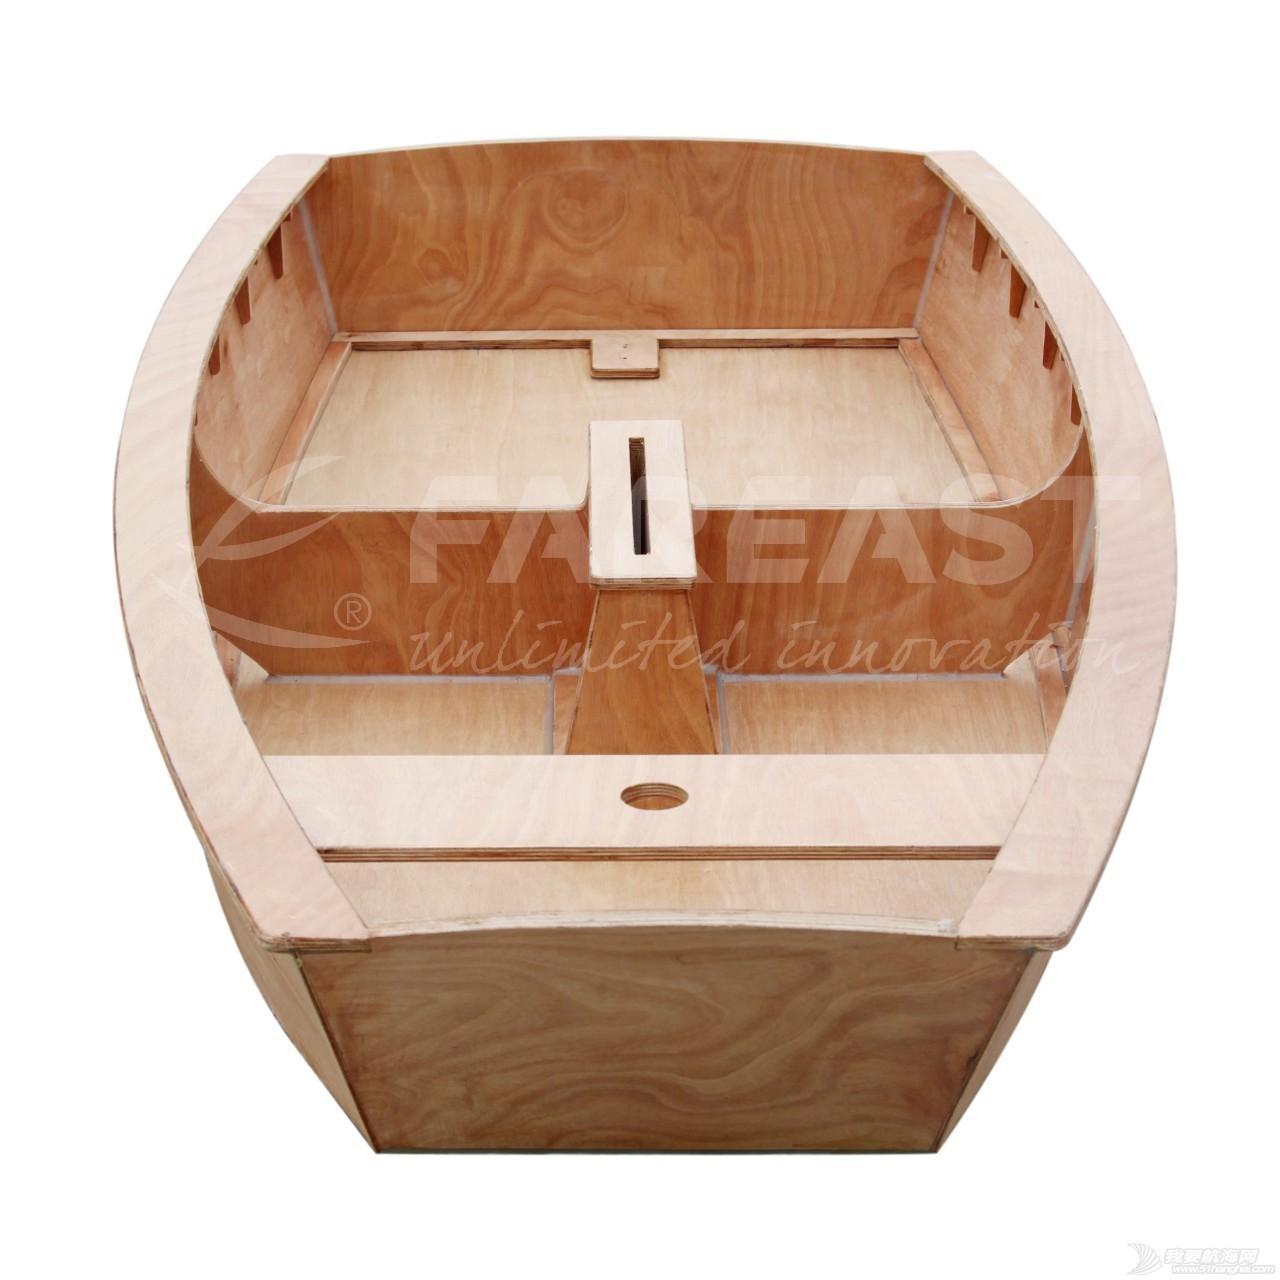 木制OPTIMIST,全家动手来造船! a005ebb3e1705273089fb65578128b6f.jpg